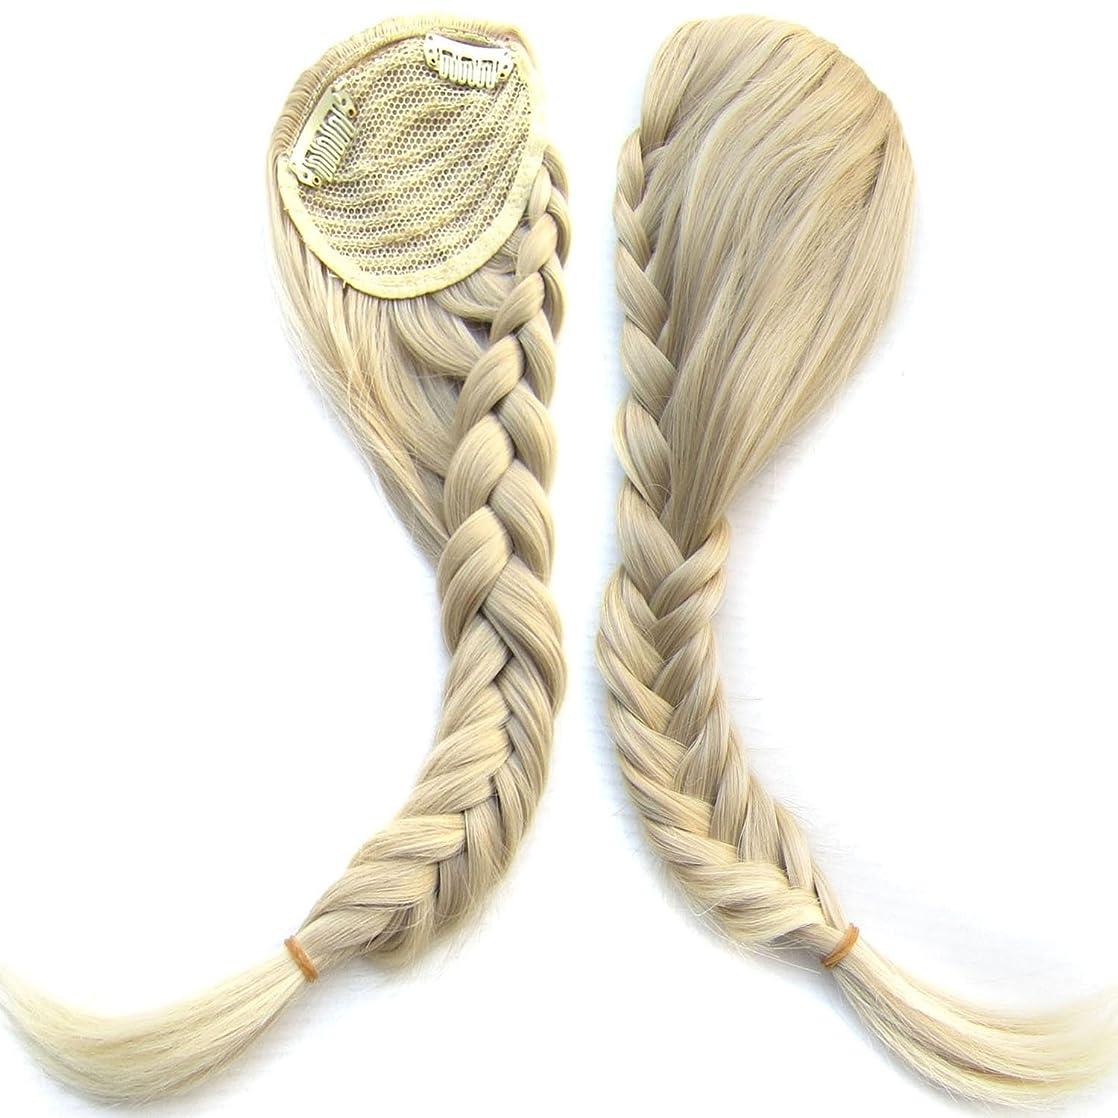 事務所合唱団不健全Koloeplf 女性 魚骨 かつら模型 斜めの髪 エクステンションと多色 ウィーブ 化学繊維 ウィッグ (Color : Beige)